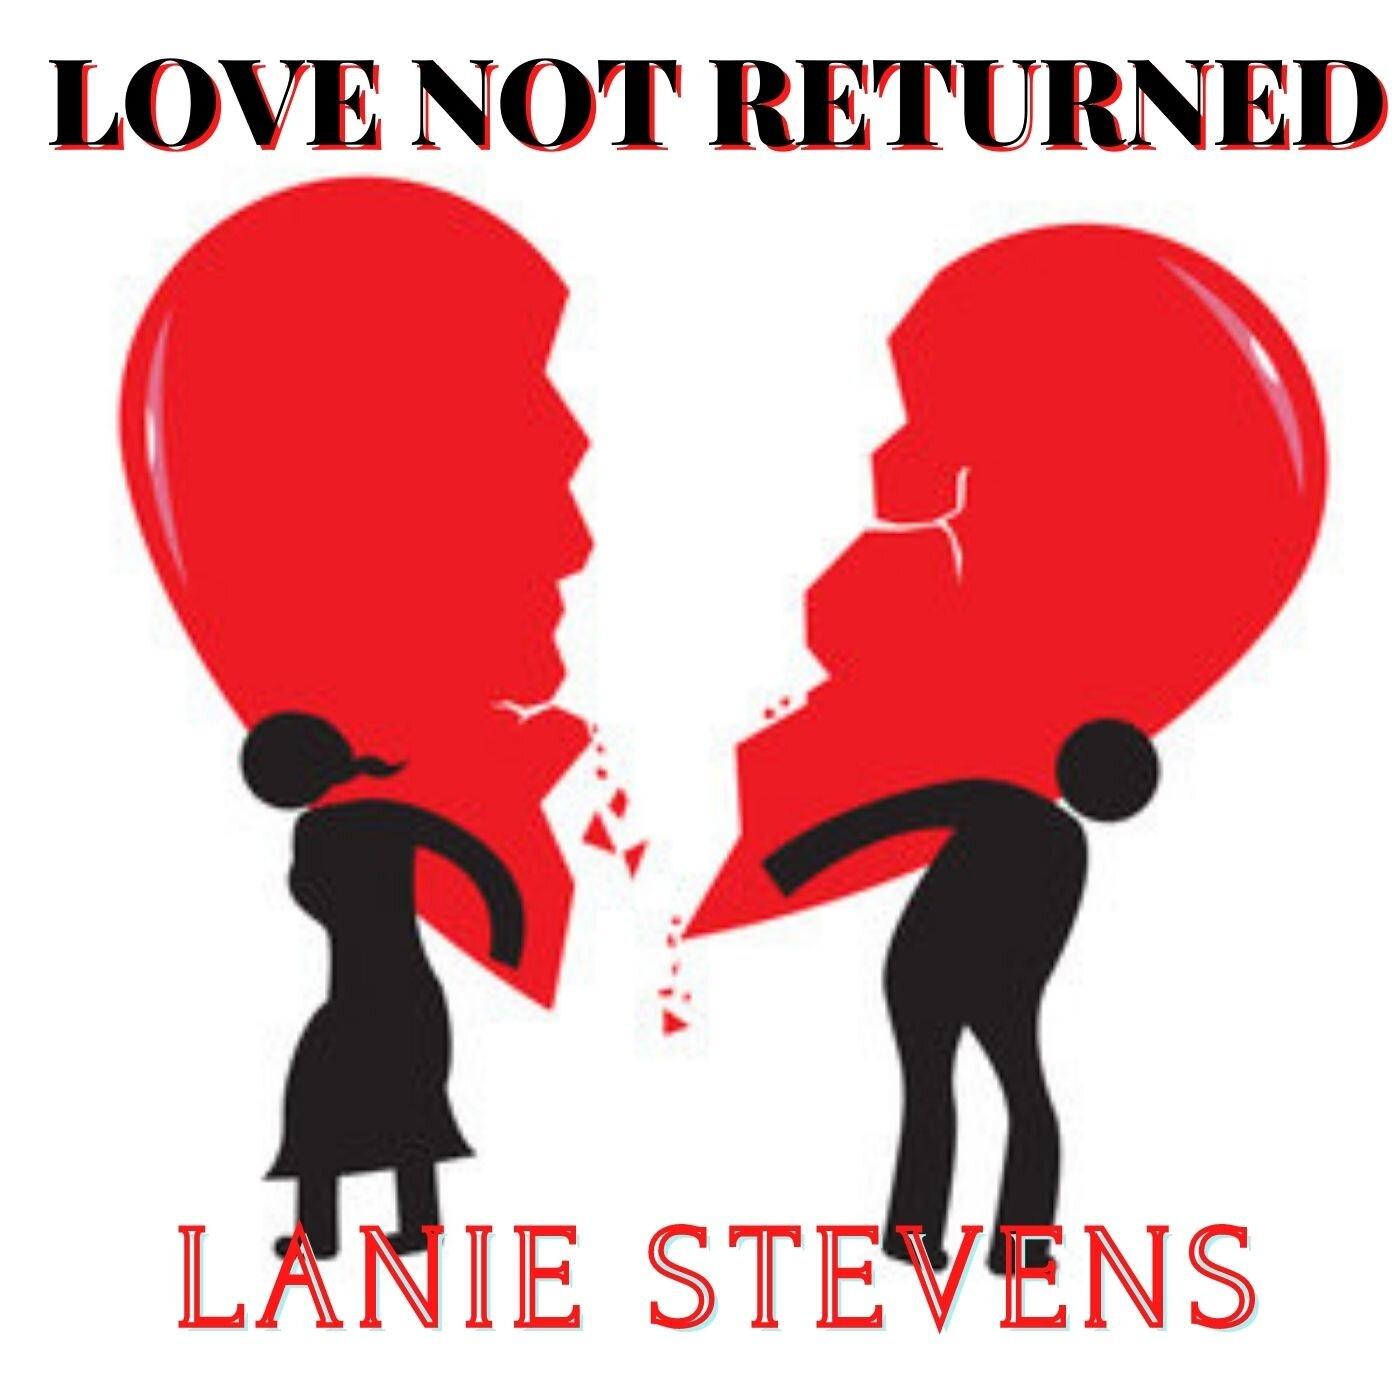 Love not returned